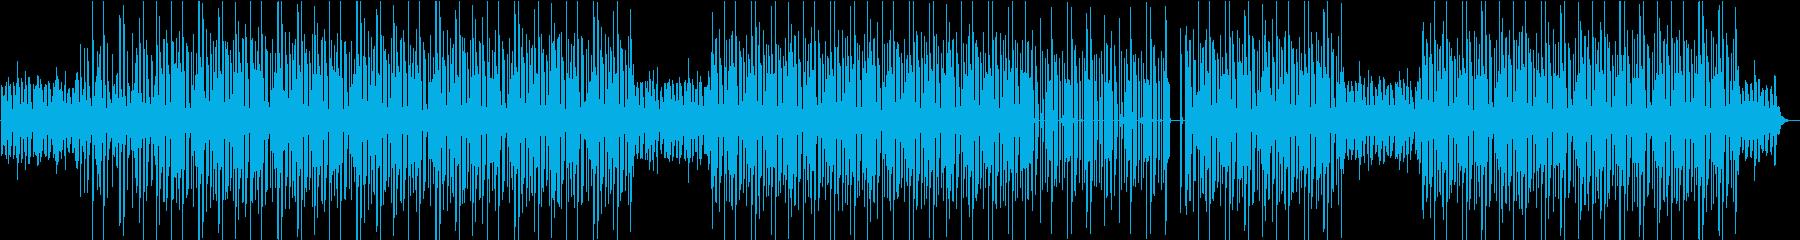 ローファイ系チル・ワークアウトBGMの再生済みの波形